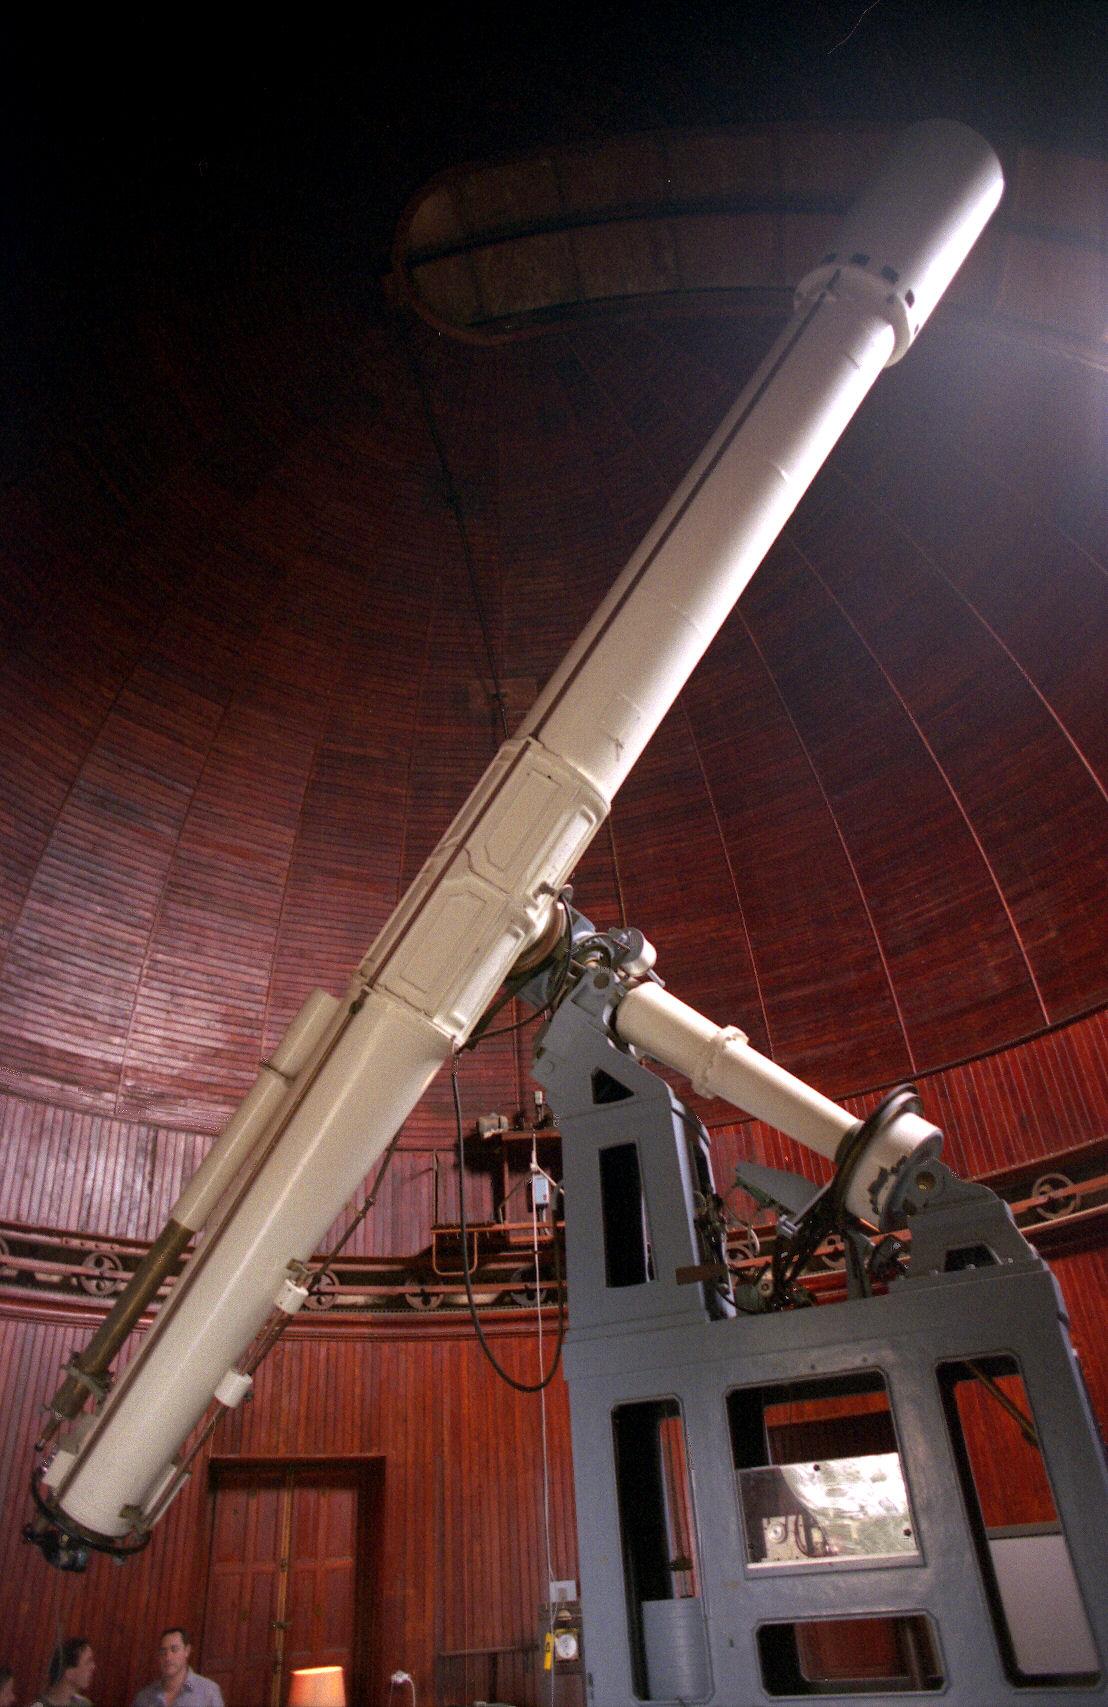 331e7e15c0 Telescopio - Wikipedia, la enciclopedia libre